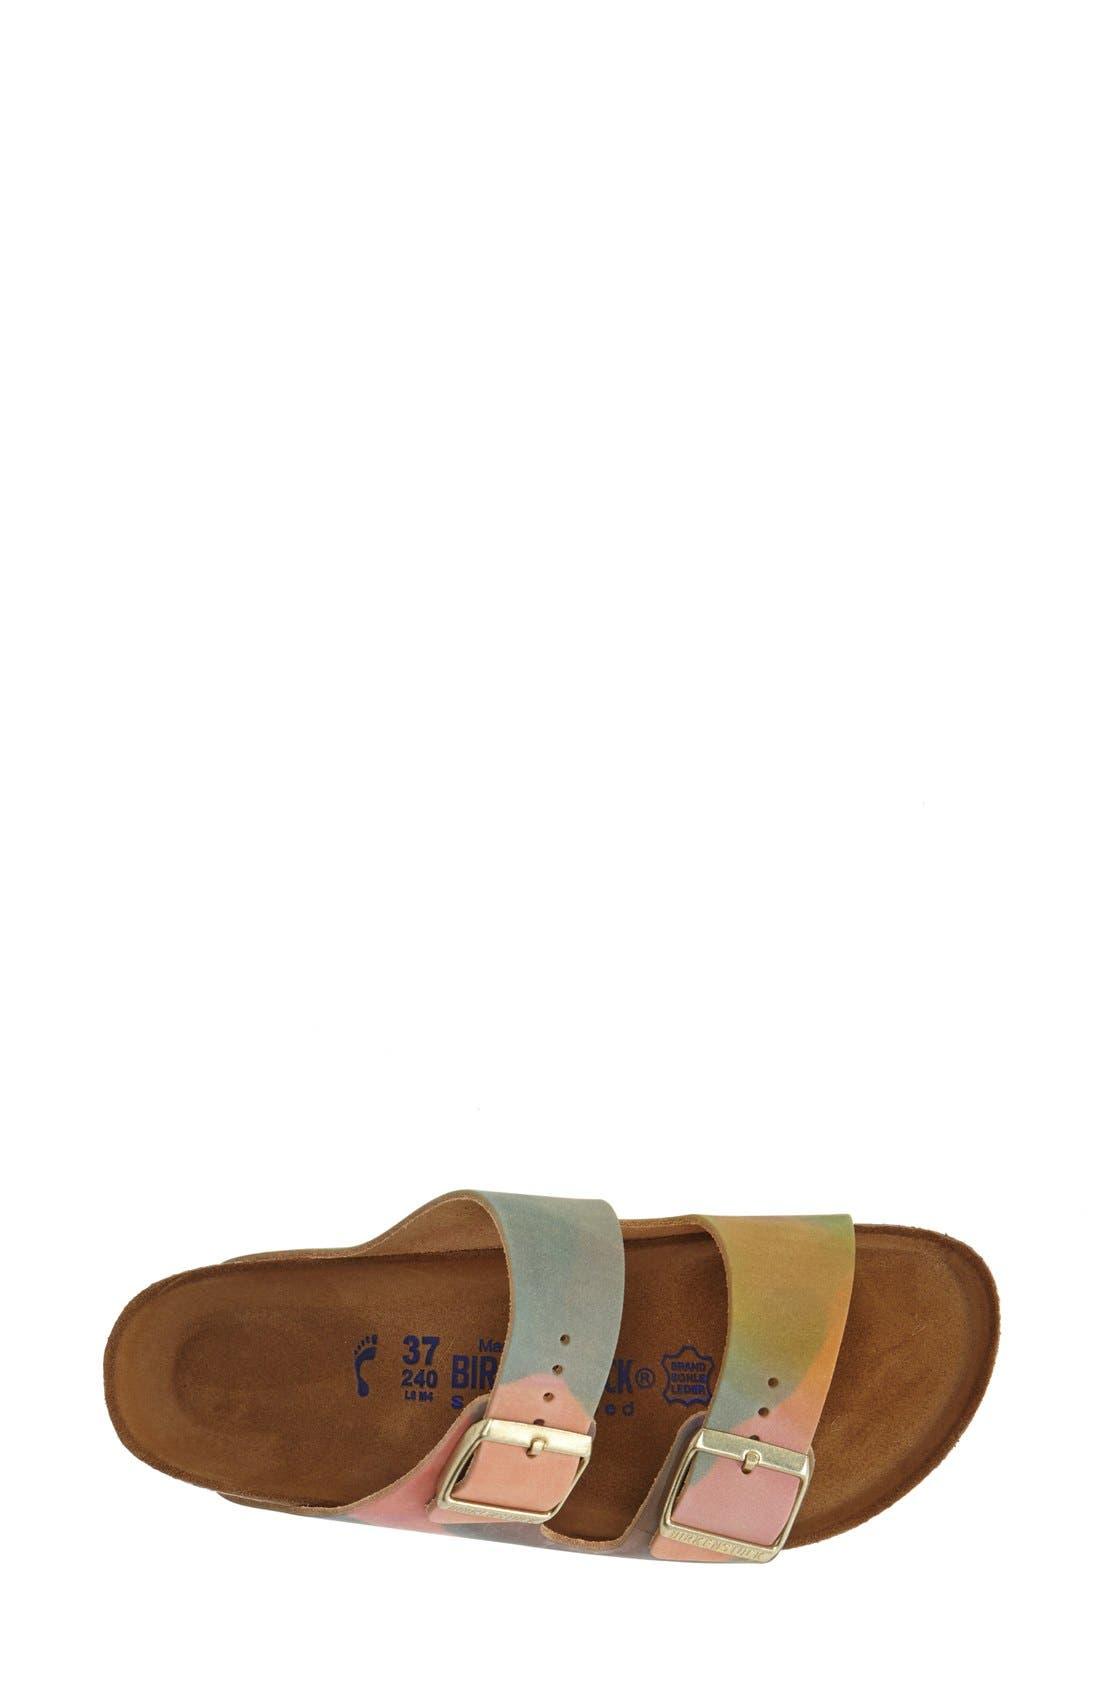 Alternate Image 3  - Birkenstock 'Arizona' Nubuck Leather Sandal (Women)